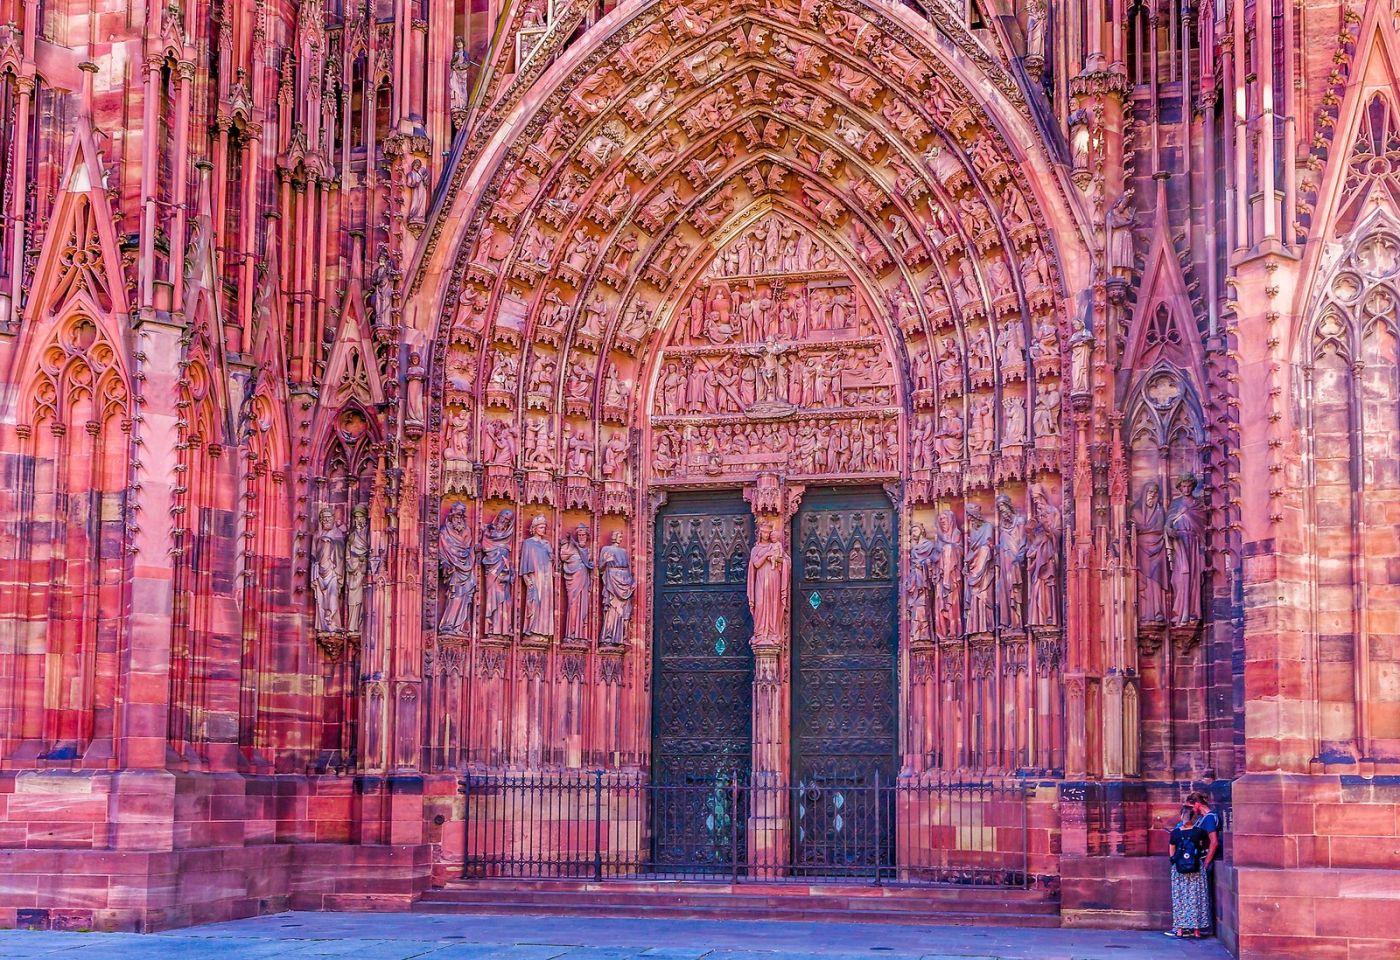 法国斯特拉斯堡(Strasbourg),八百年的主教堂_图1-31